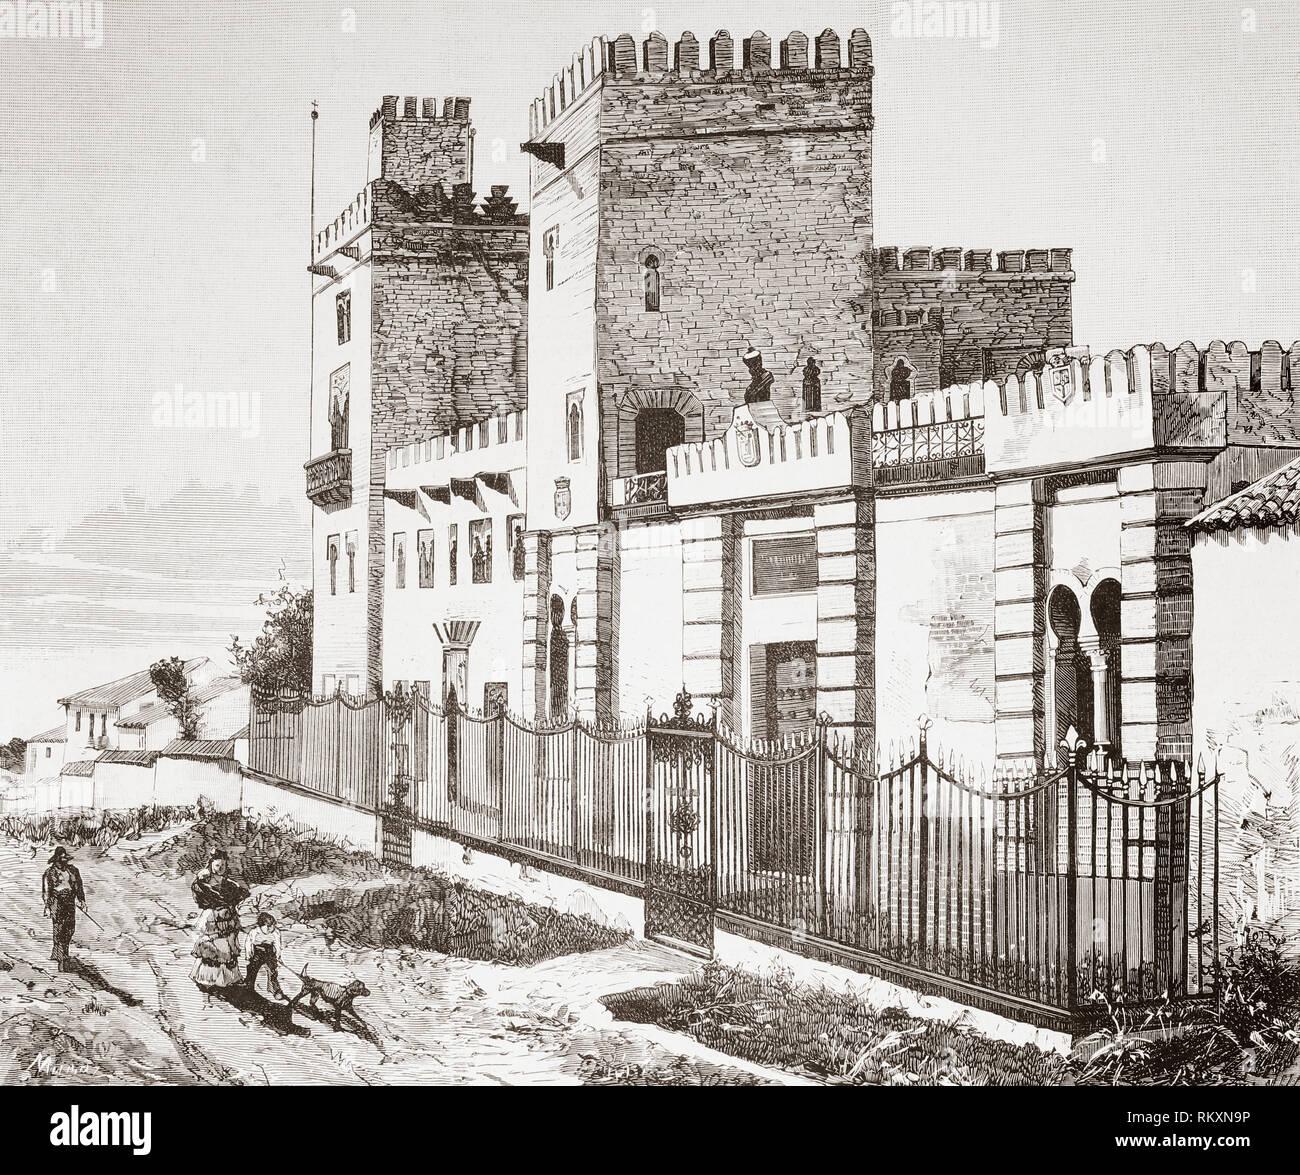 La Casa Donde Murio Hernan Cortes En Castilleja De La Cuesta